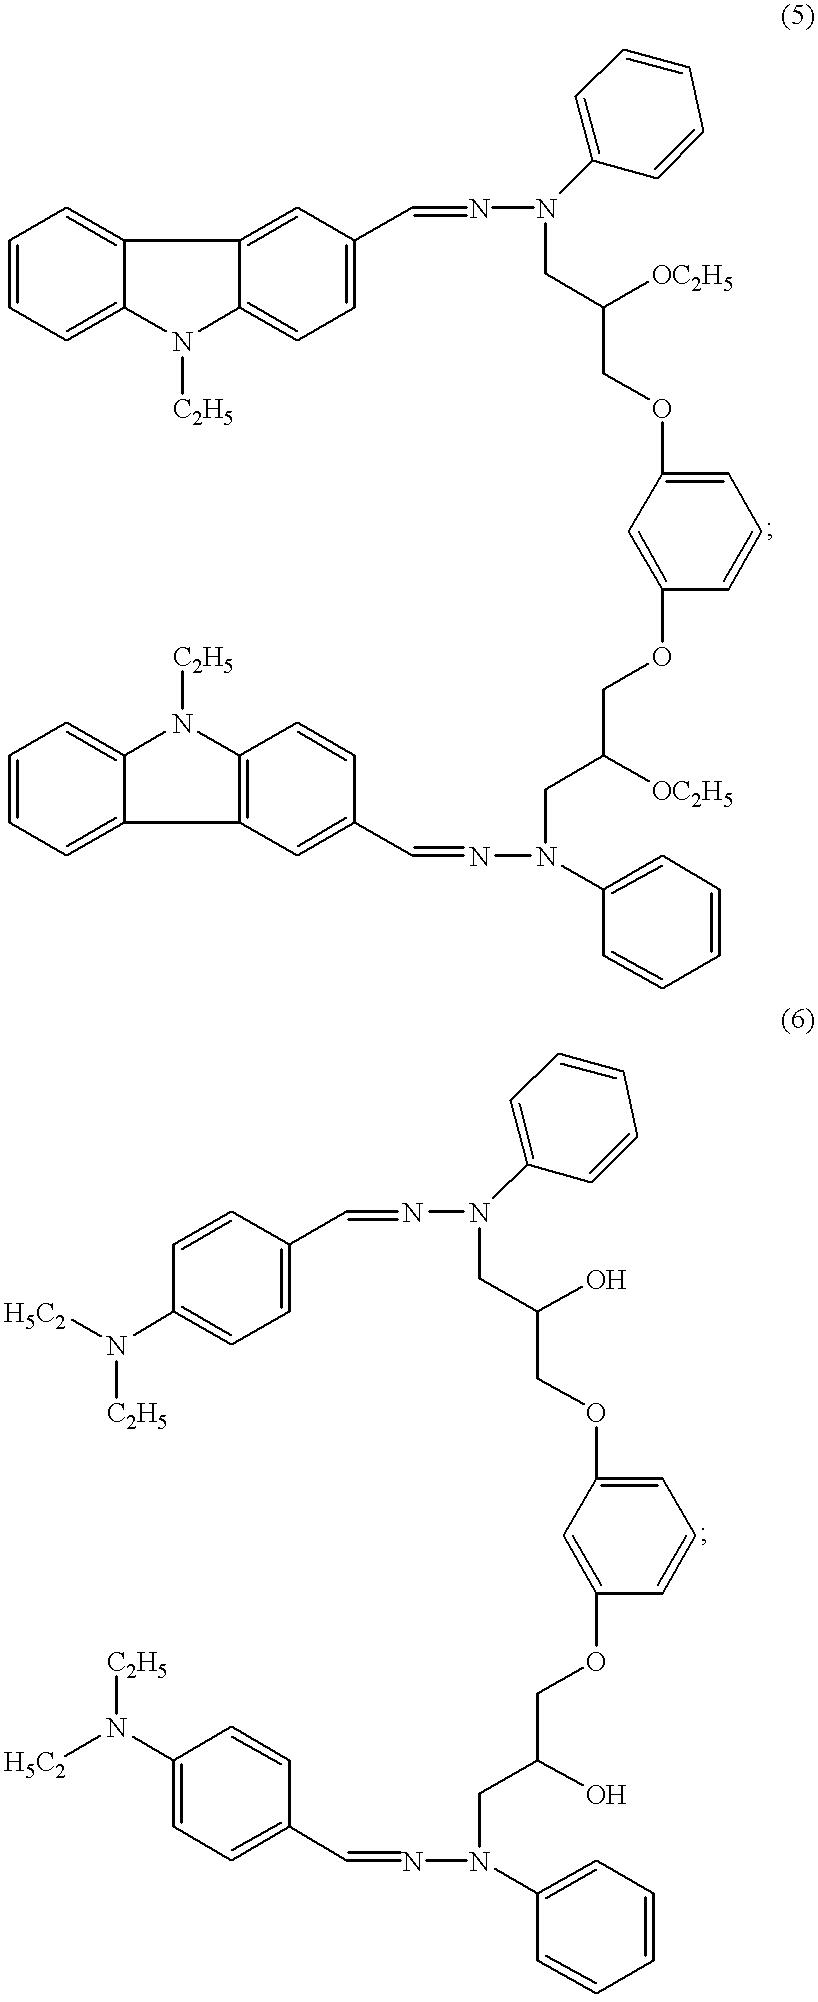 Figure US06214503-20010410-C00018